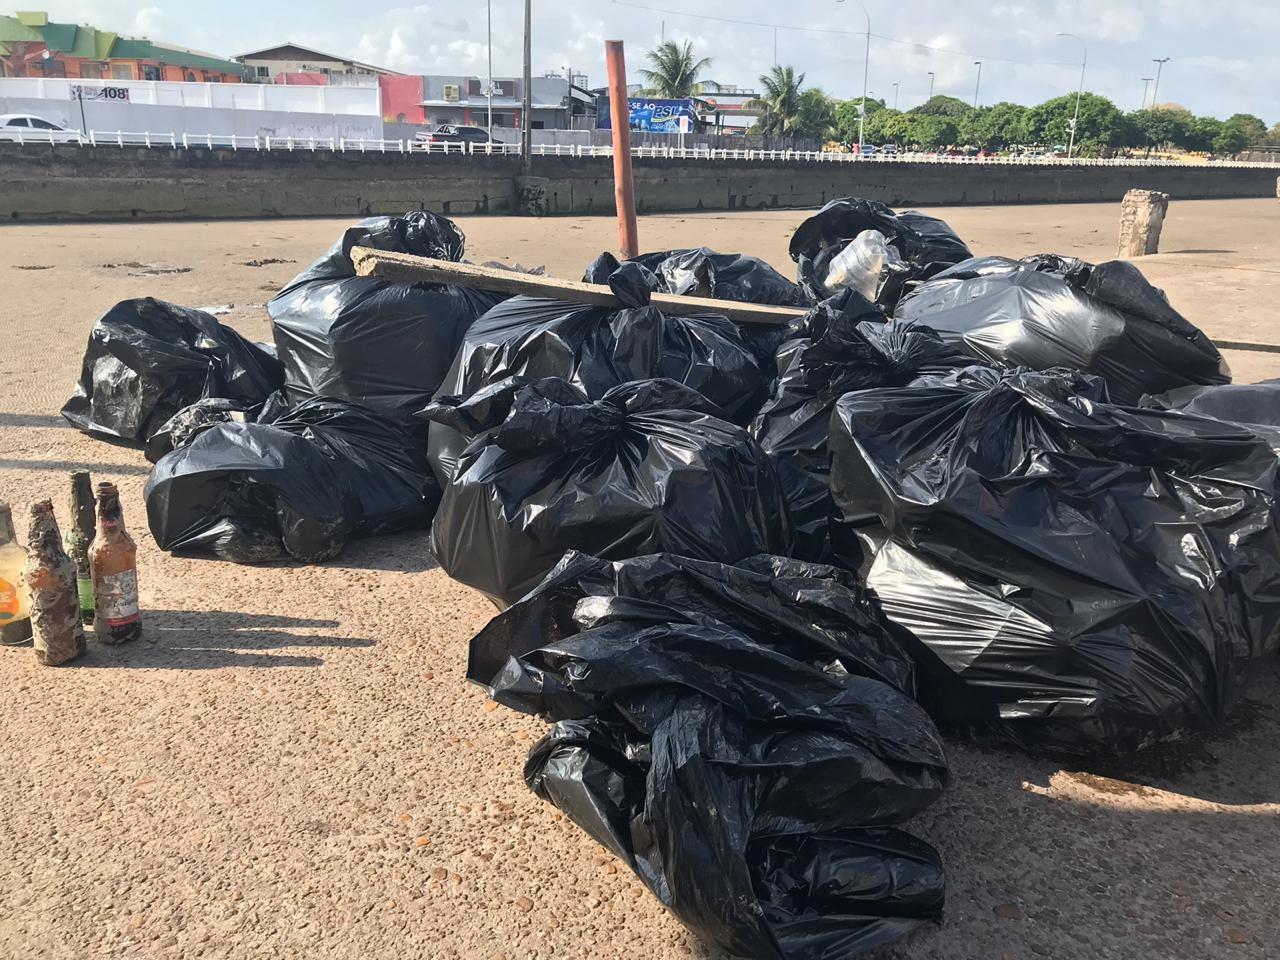 Dia Mundial da Limpeza reúne cerca de 100 voluntários em mutirão na orla de Macapá - Notícias - Plantão Diário